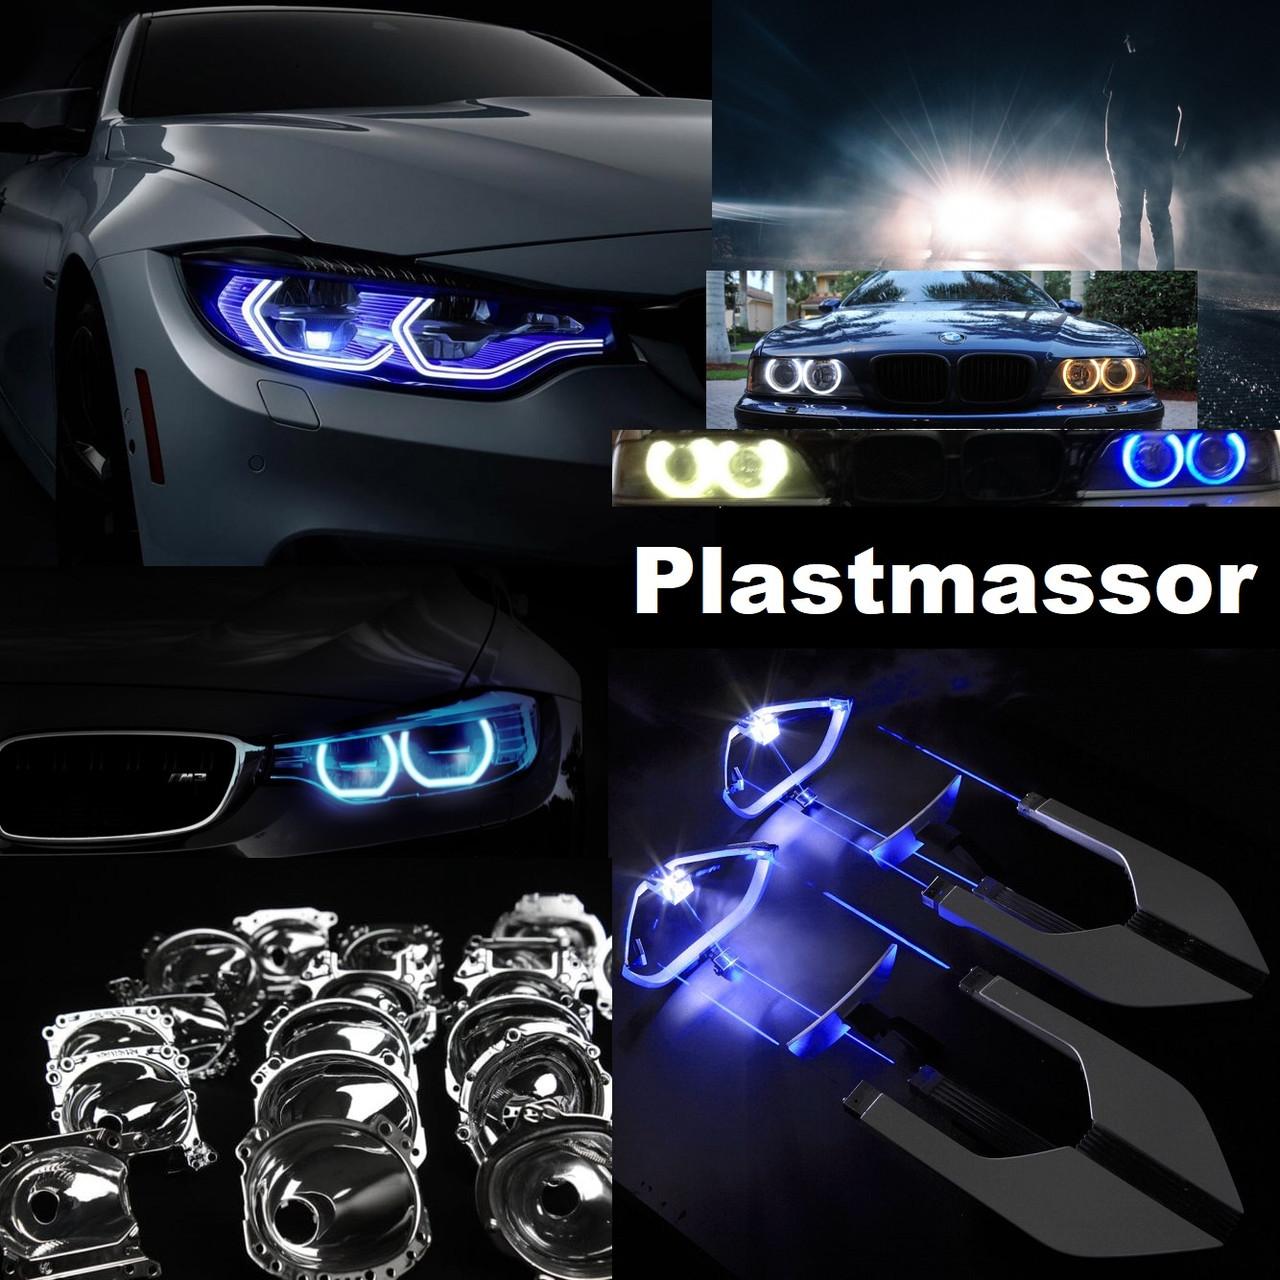 Ремонт Plastmassor вакуумная металлизация восстановление отражателей фар Lancia